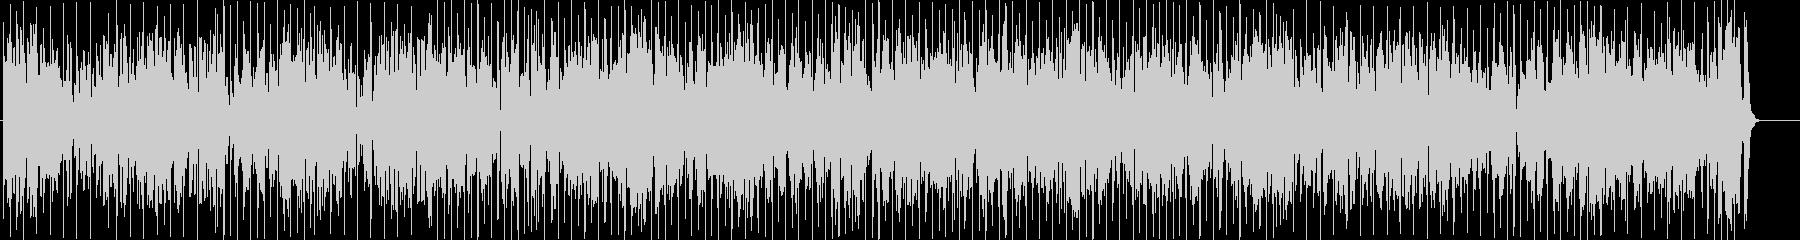 管楽器メインの愉快なフュージョンの未再生の波形